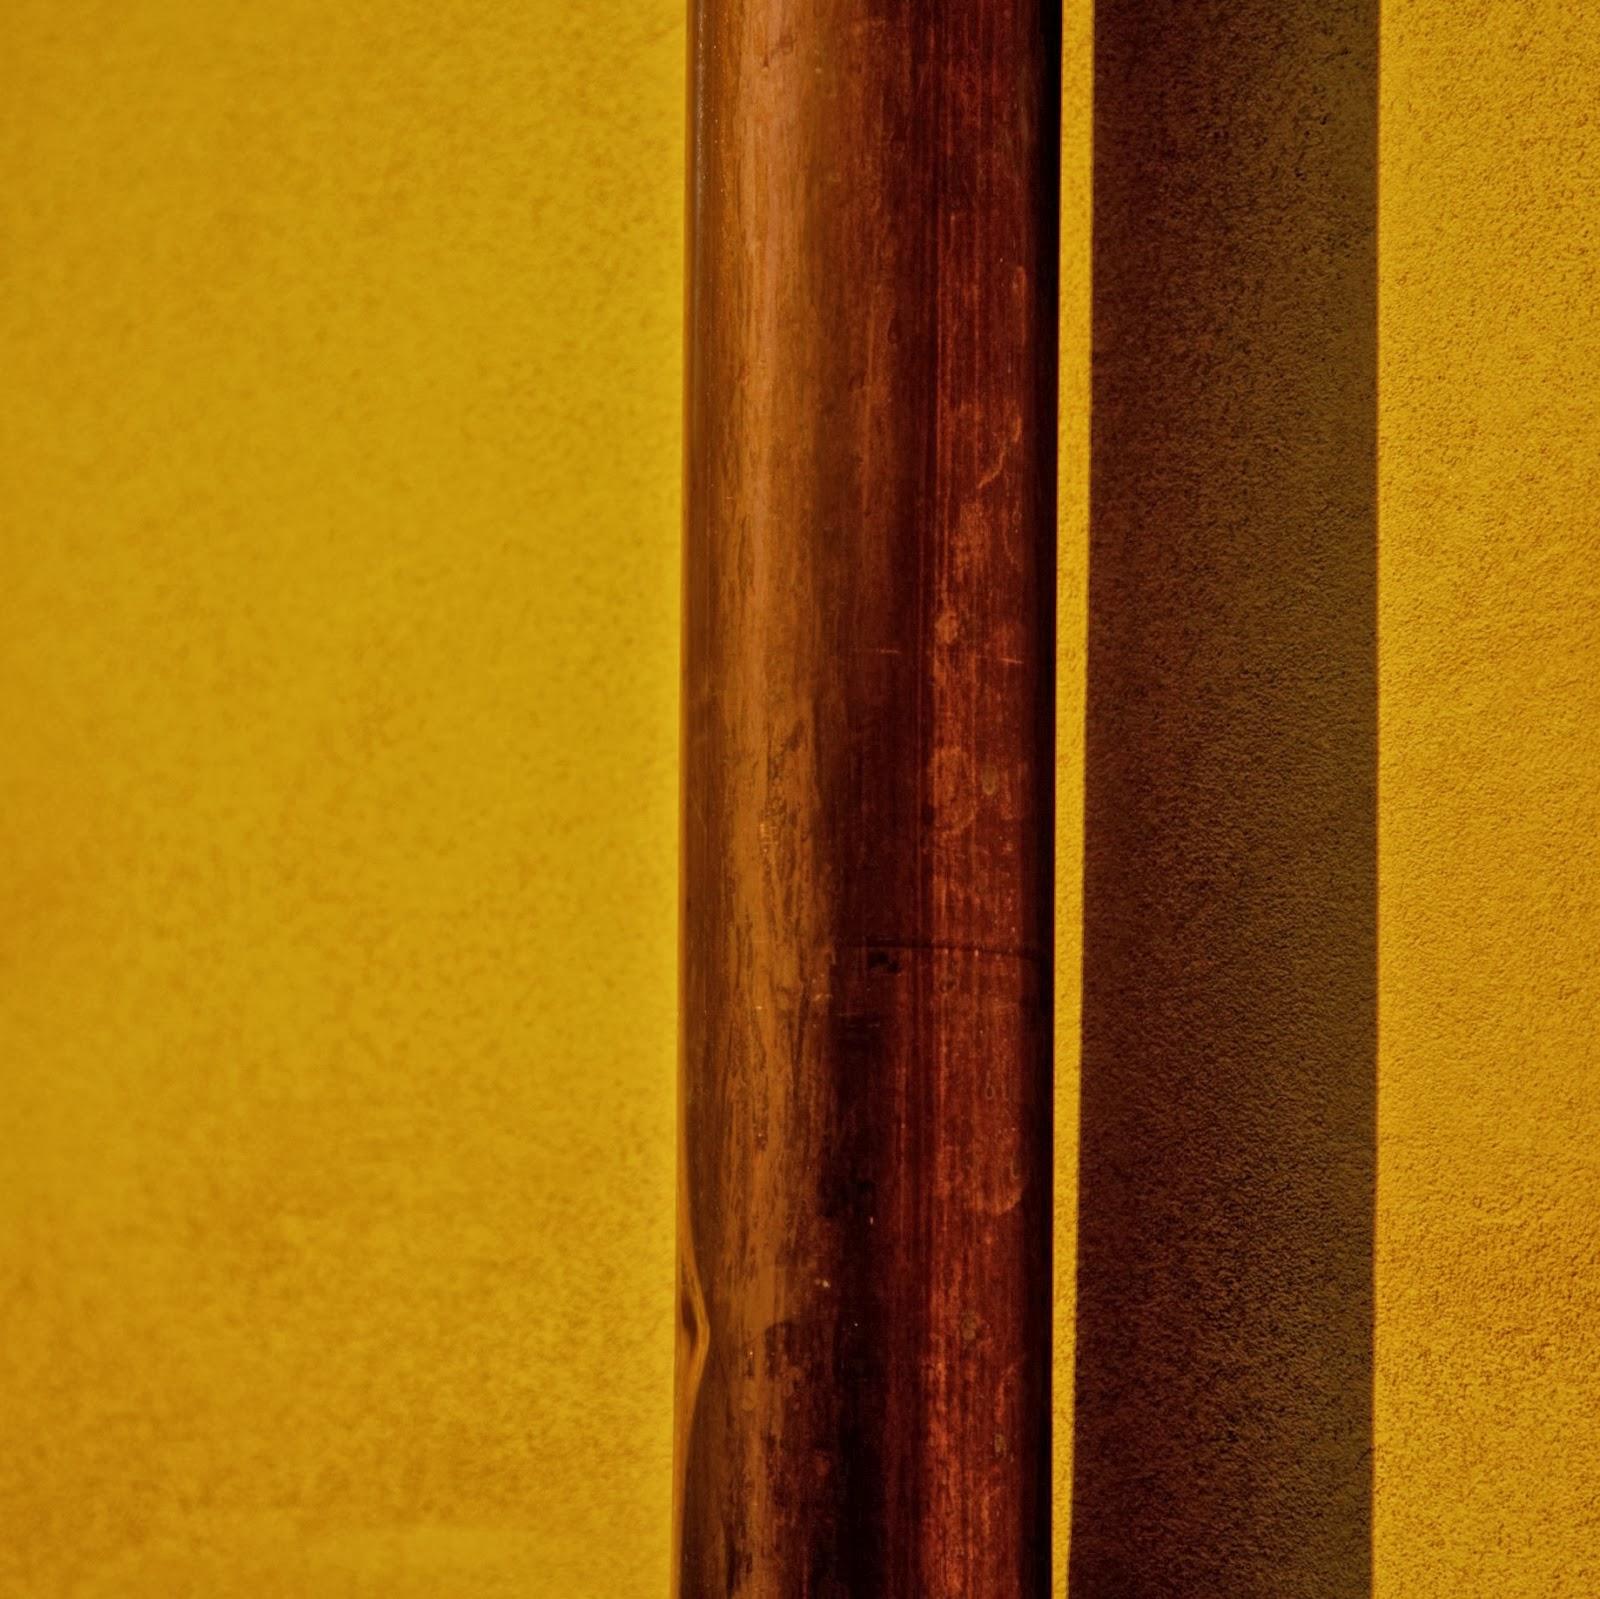 """Из серии """"Цветотени"""" Этюд 7 """"Медь"""" / From the set """"Colour shadows"""" Study 7 """"Cuprum"""", Алексей Аврамчик. Интервью. Alexey Avramchik. Interview. фотограф любитель фотография фотопленка цифровое фото Зенит Nikon Cannon Смена-8М Творчество увлечение индустриальная фотография история amateur photographer photography digital film industrial passion hobby creative works"""